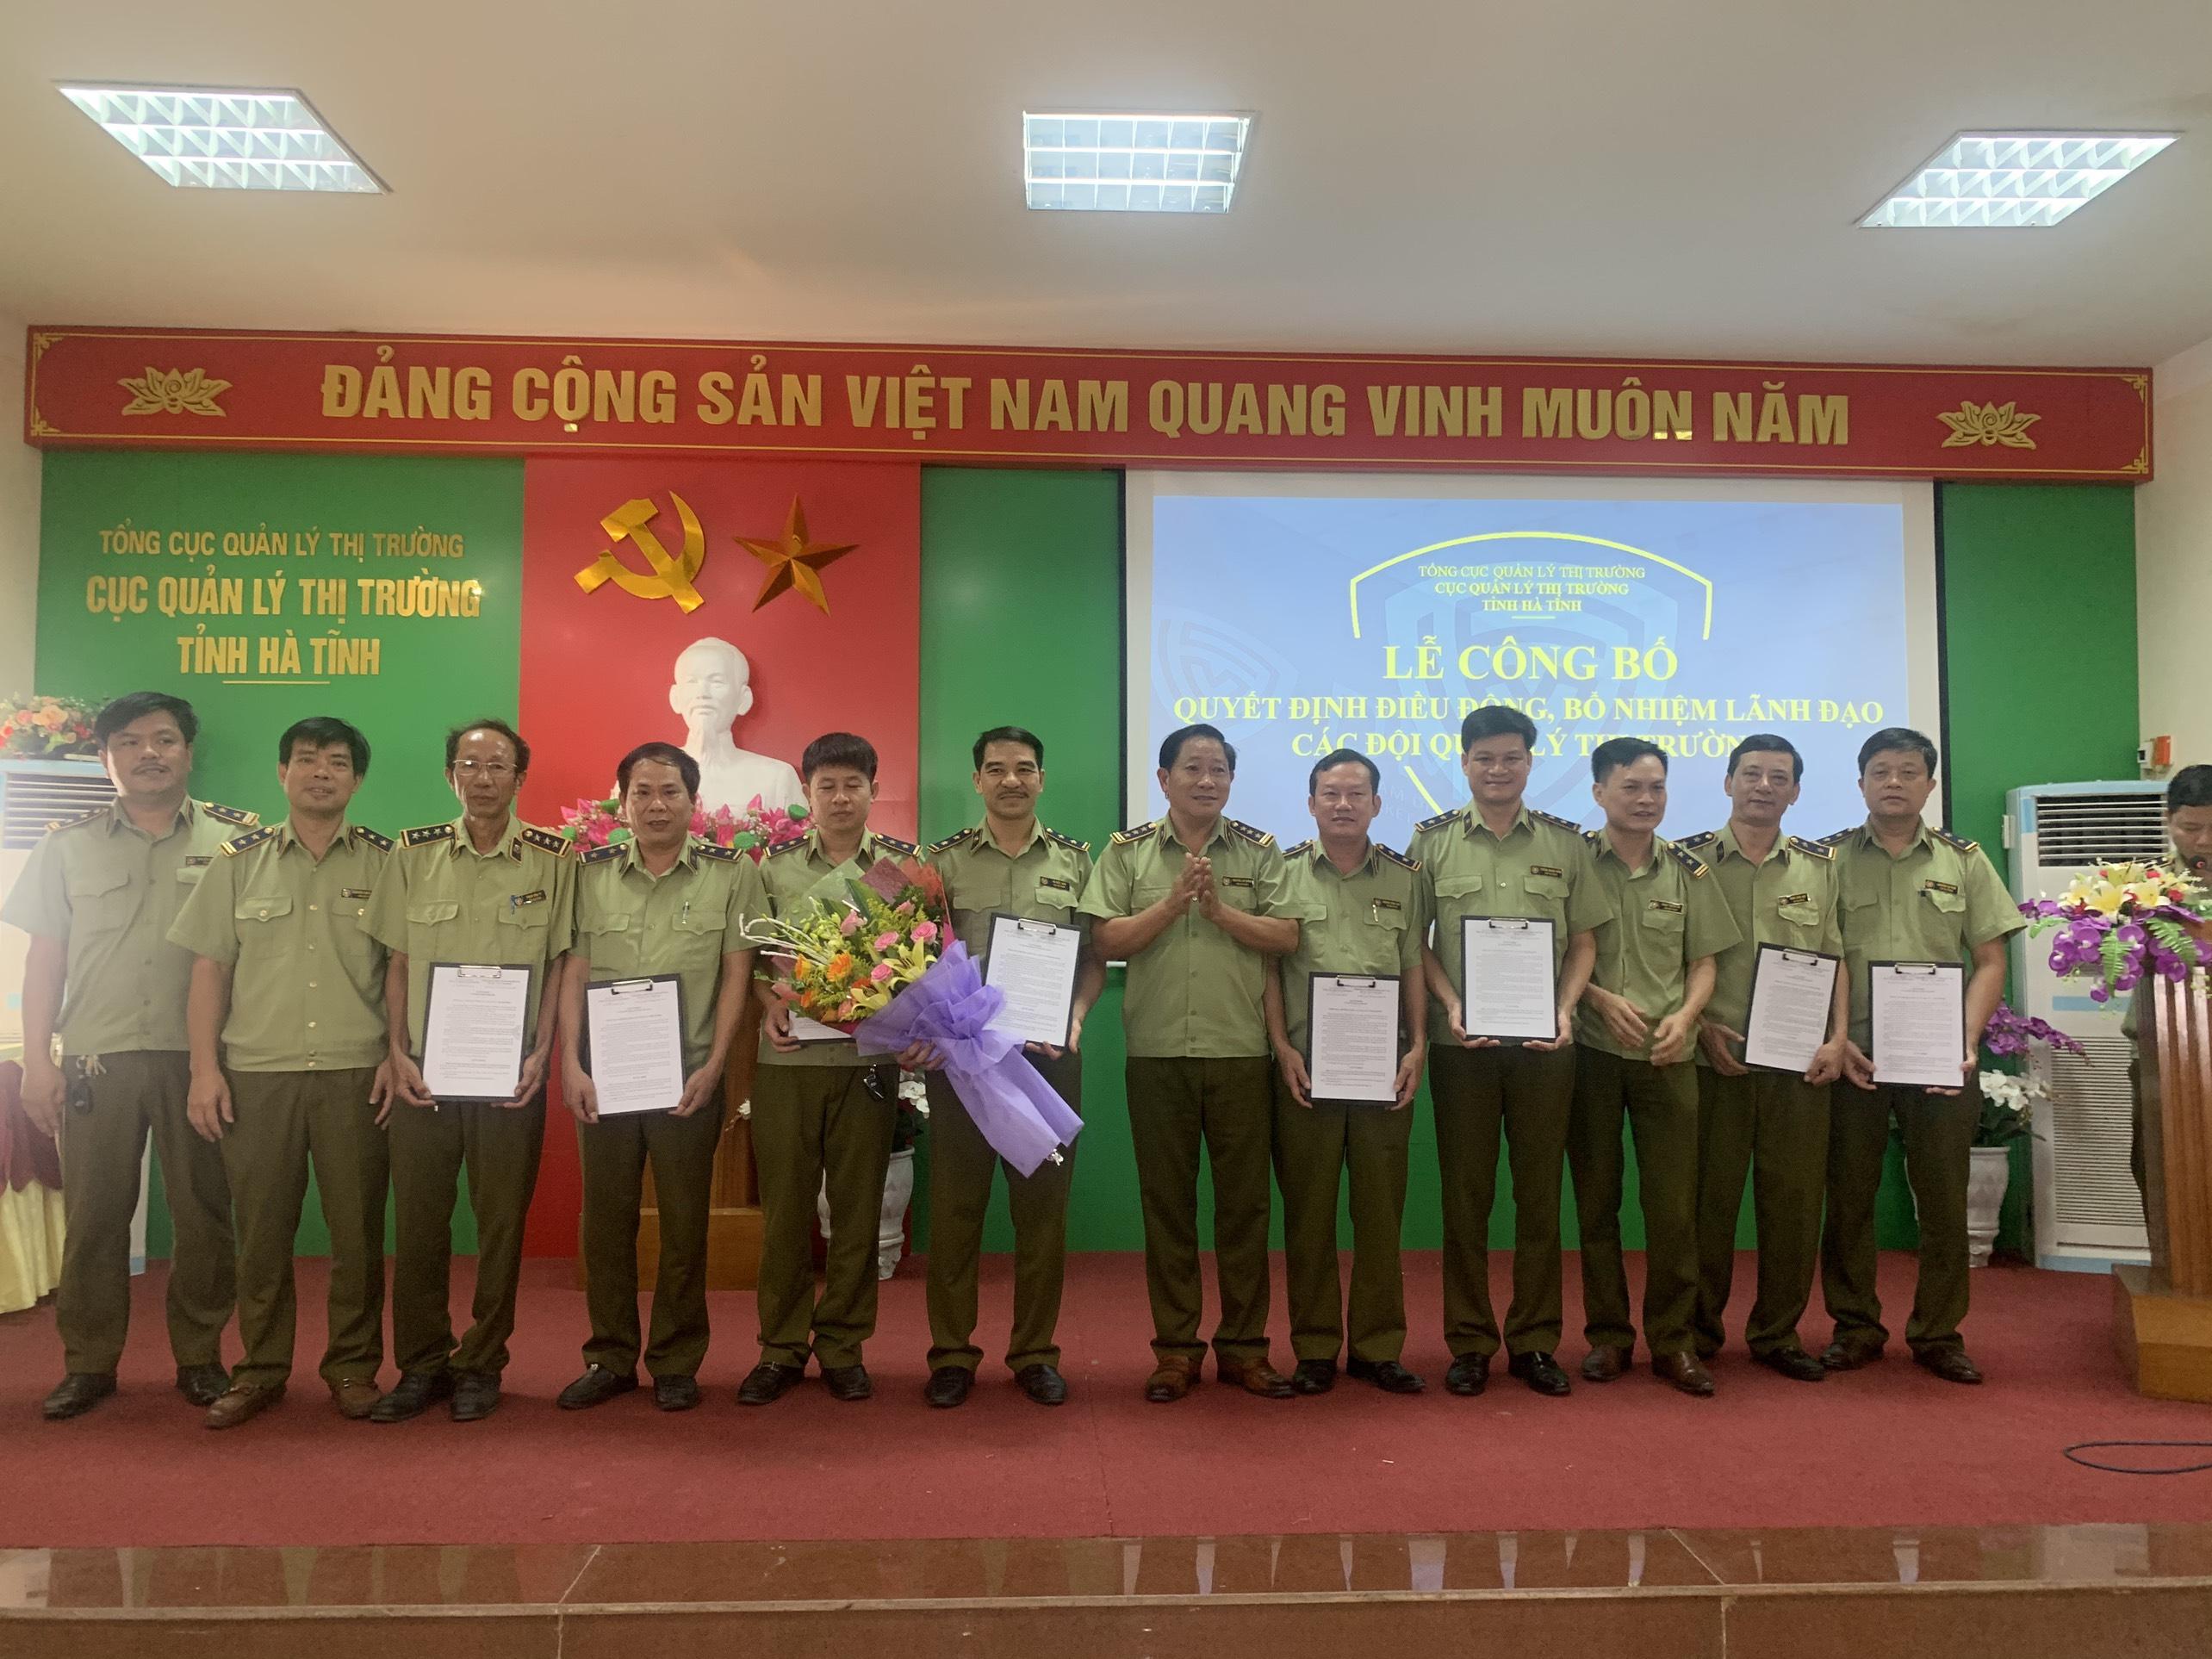 Cục QLTT tỉnh Hà Tĩnh tổ chức lễ công bố quyết định điều động, bổ nhiệm lãnh đạo một số đội và điều động một số công chức QLTT